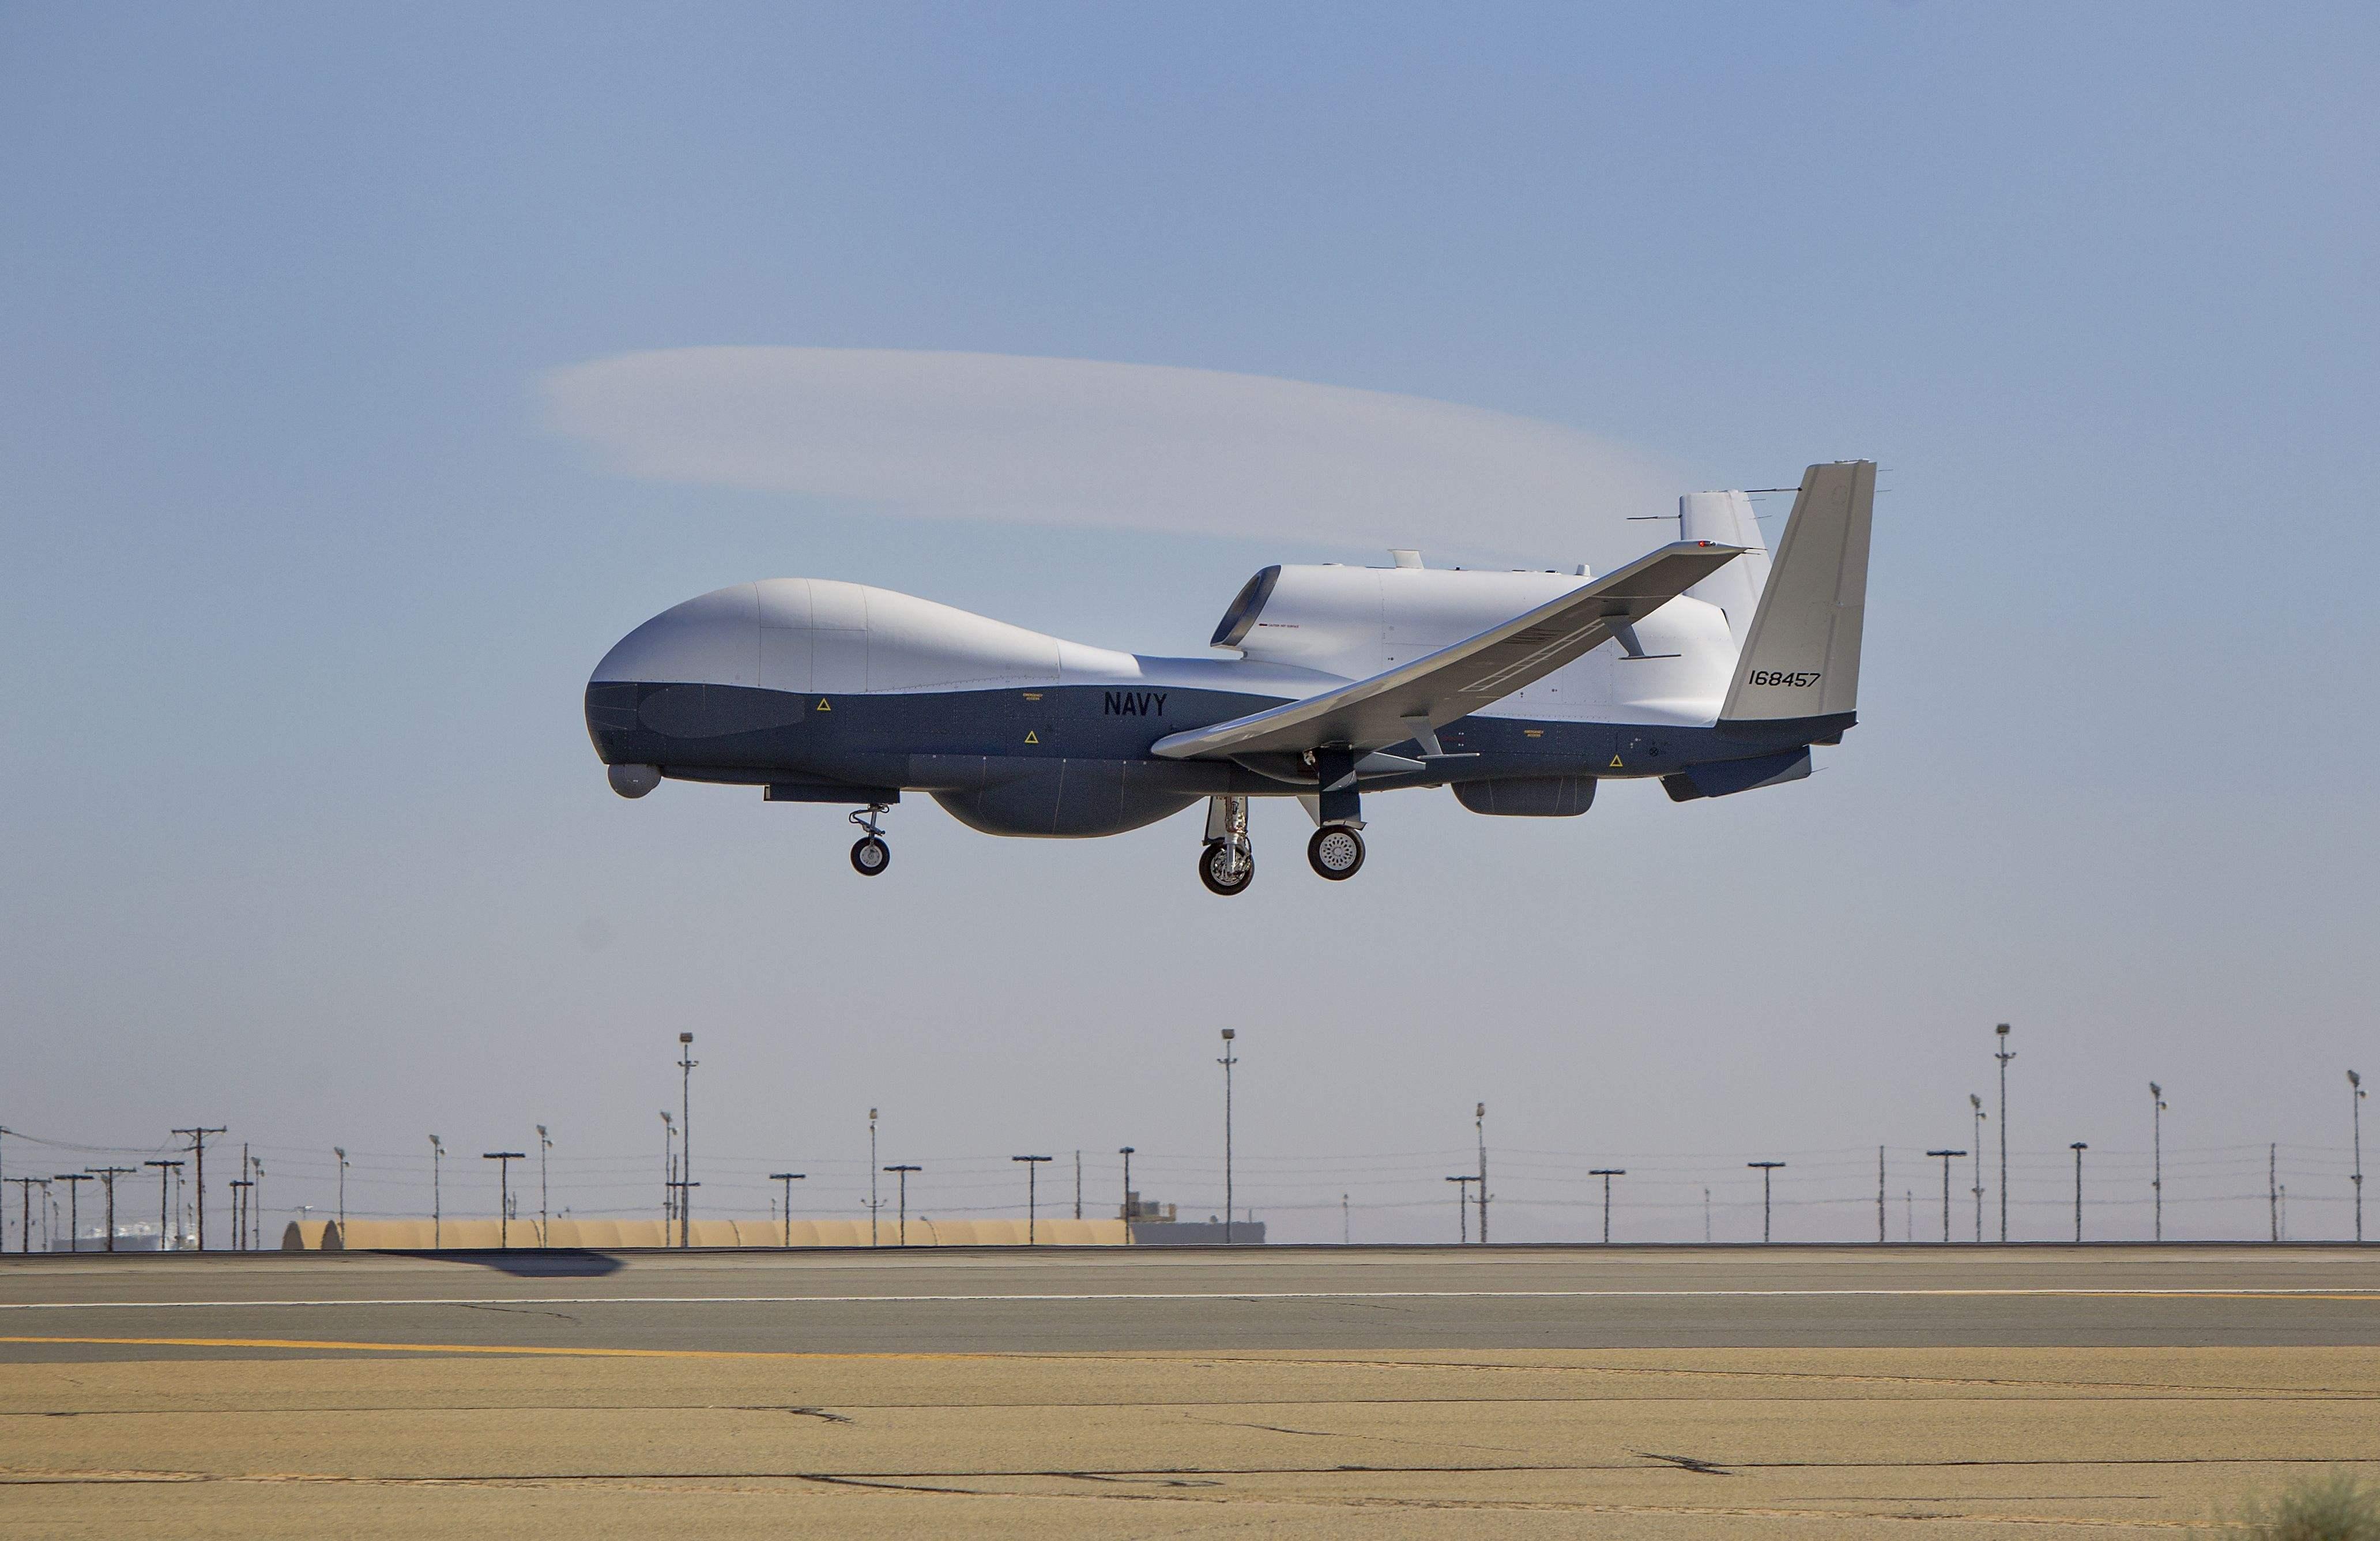 美军MQ4C无人机明年服役 将用于亚太战略侦察